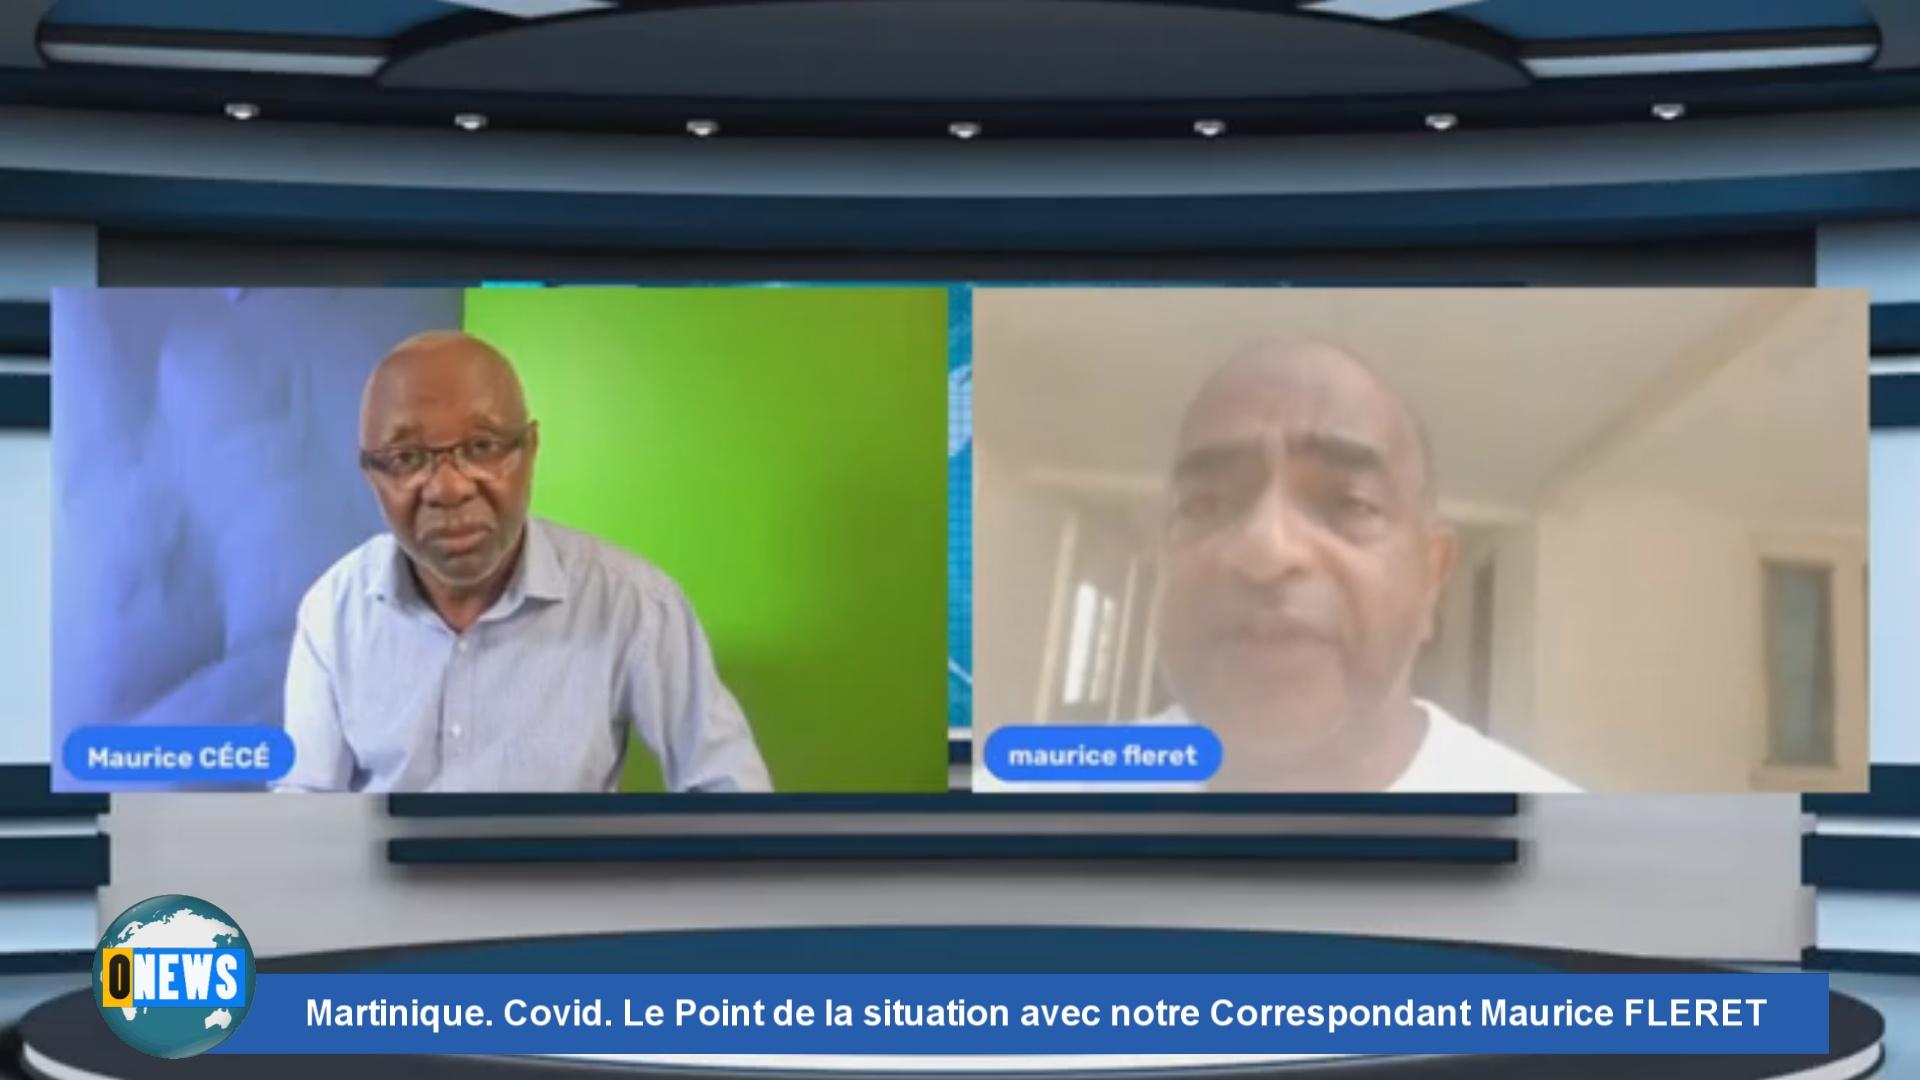 [Vidéo] Martinique. Covid. Le Point de la situation avec notre Correspondant Maurice FLERET